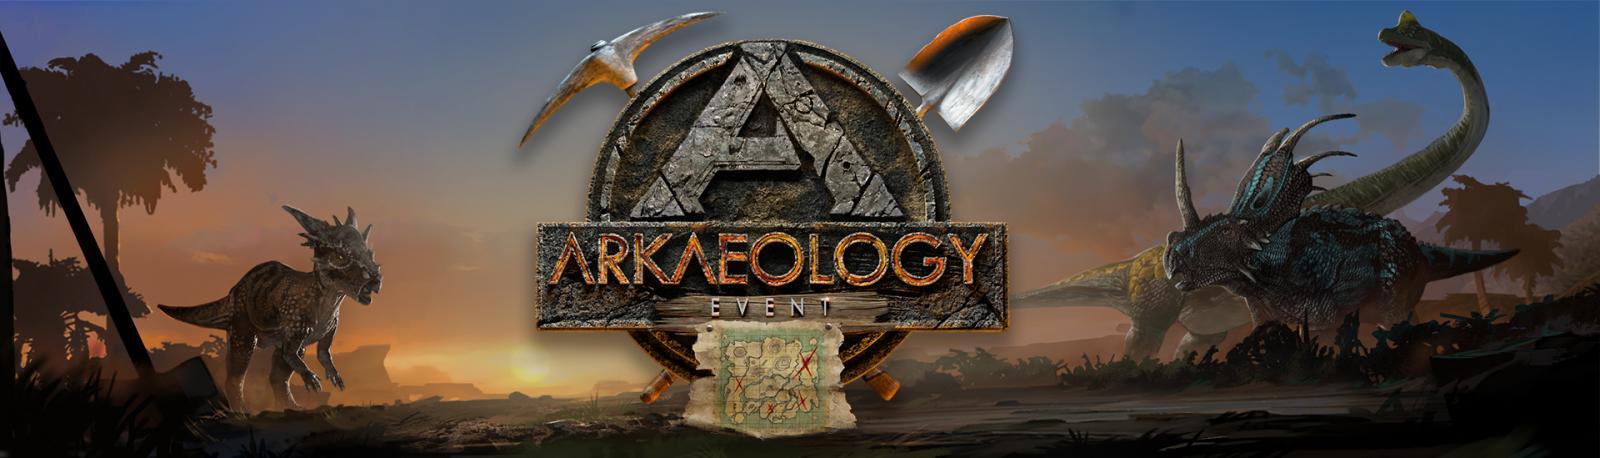 ARKaeology Event